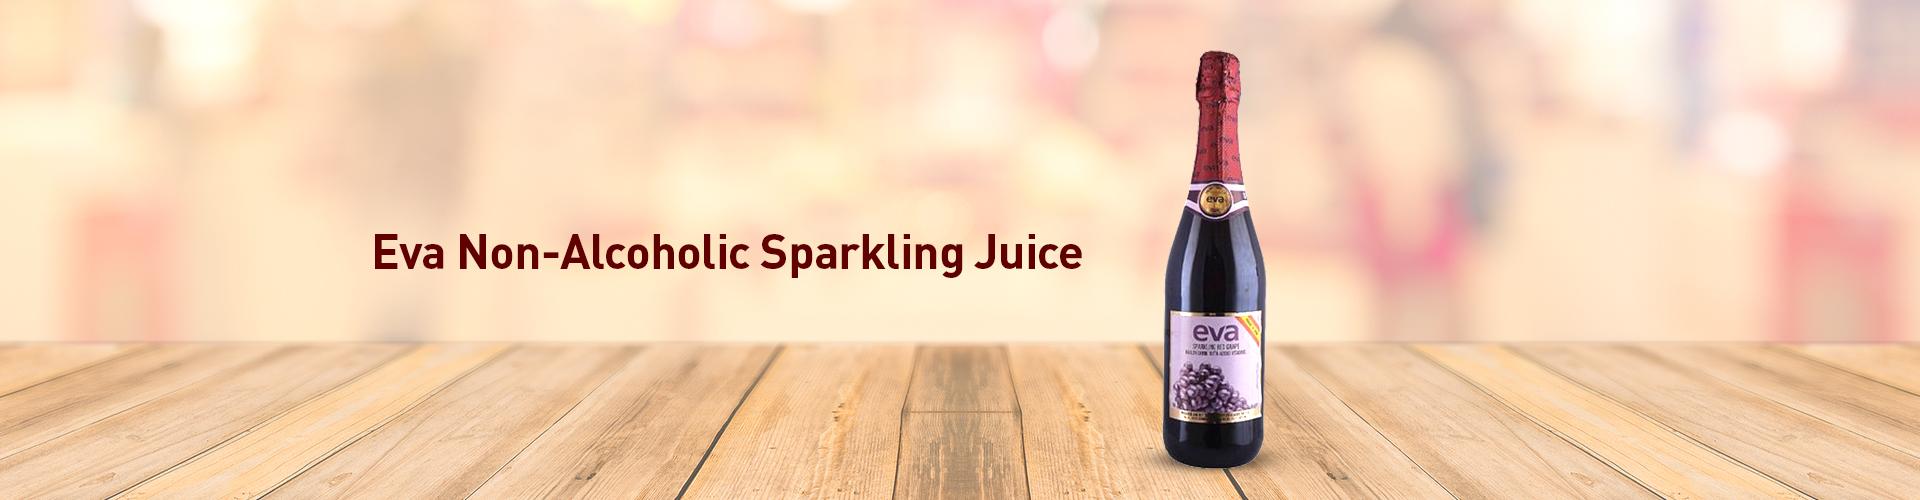 Eva Non-Alcoholic Sparkling Wine